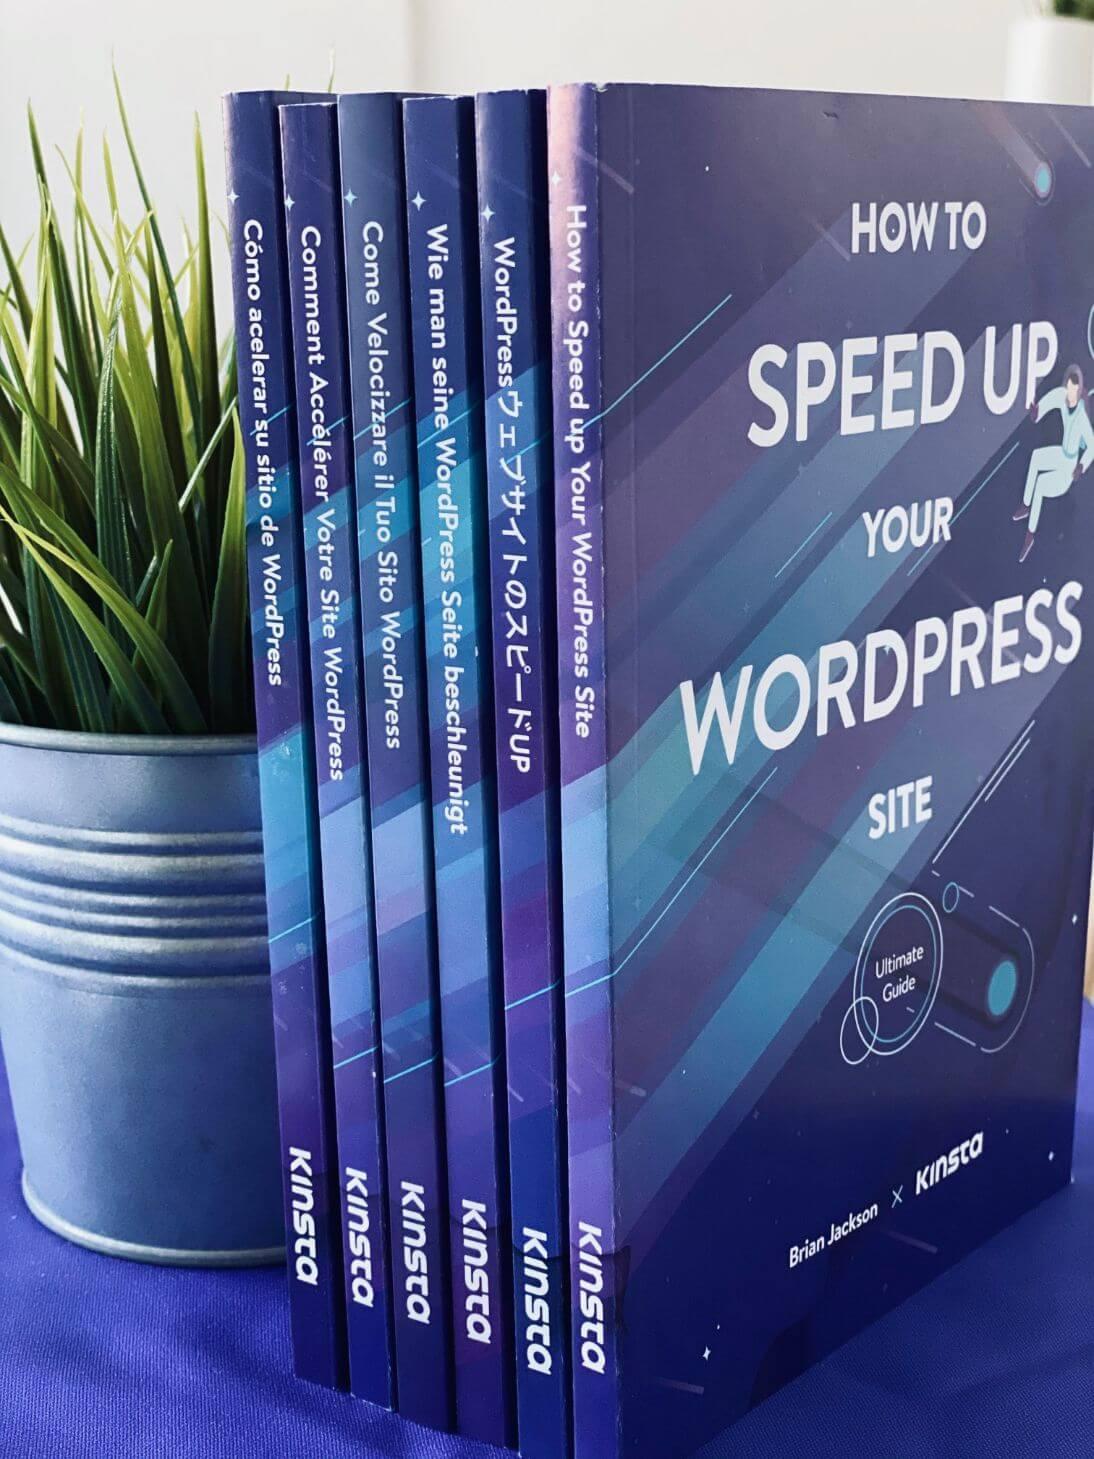 Bøger om hvordan du sætter fart på dit WordPress-website